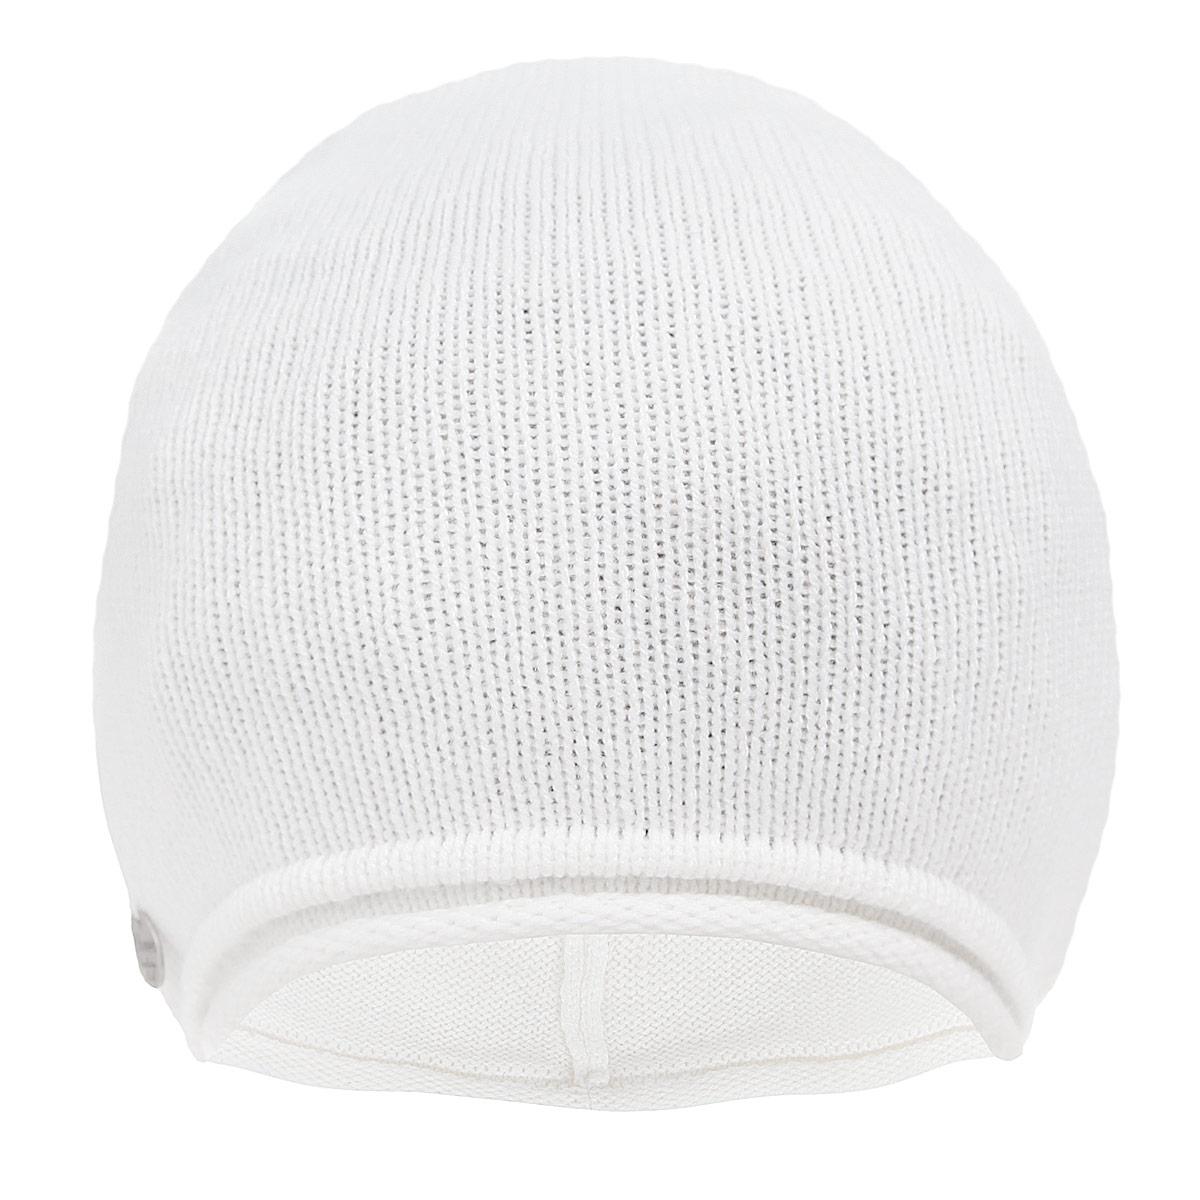 Шапка3442365Стильная женская шапка Canoe Divine отлично дополнит ваш образ в холодную погоду. Сочетание шерсти, кашемира и вискозы максимально сохраняет тепло и обеспечивает удобную посадку. Удлиненная шапка с эффектом необработанного края украшена металлической эмблемой с логотипом производителя. Такая модель комфортна и приятна на ощупь, она великолепно подчеркнет ваш вкус. Такая шапка станет отличным дополнением к вашему осеннему или зимнему гардеробу, в ней вам будет уютно и тепло!